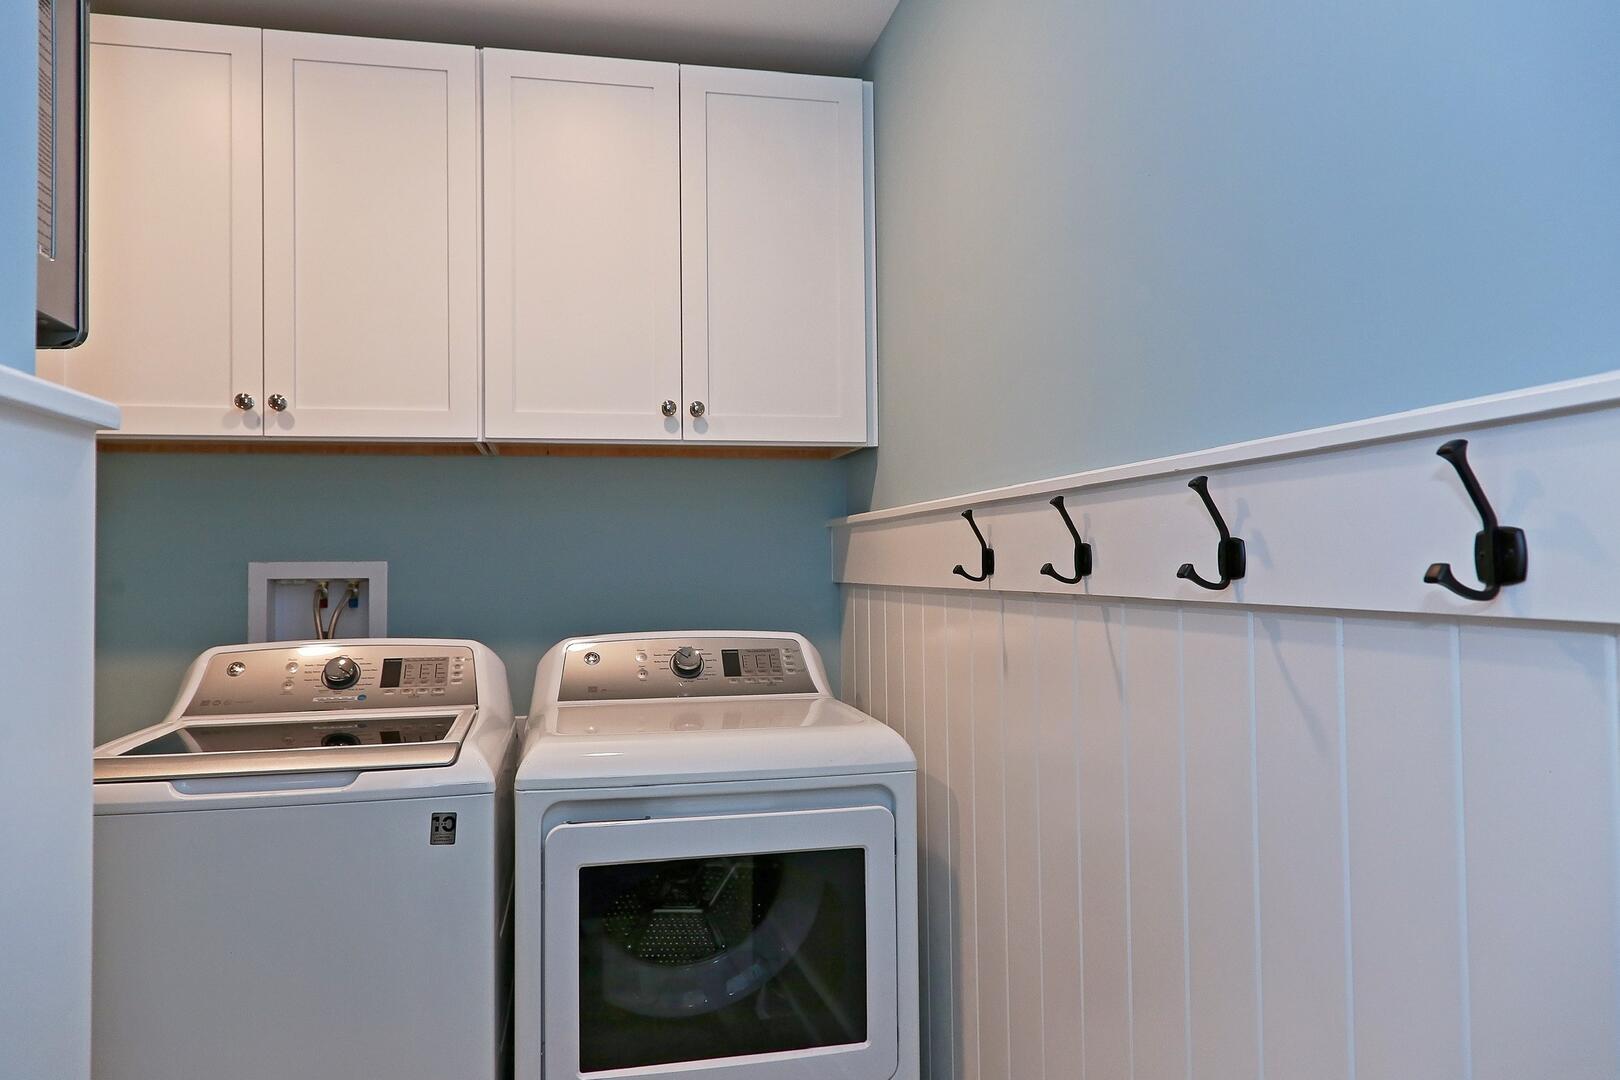 Laundry Room - 1611 King and Coastal